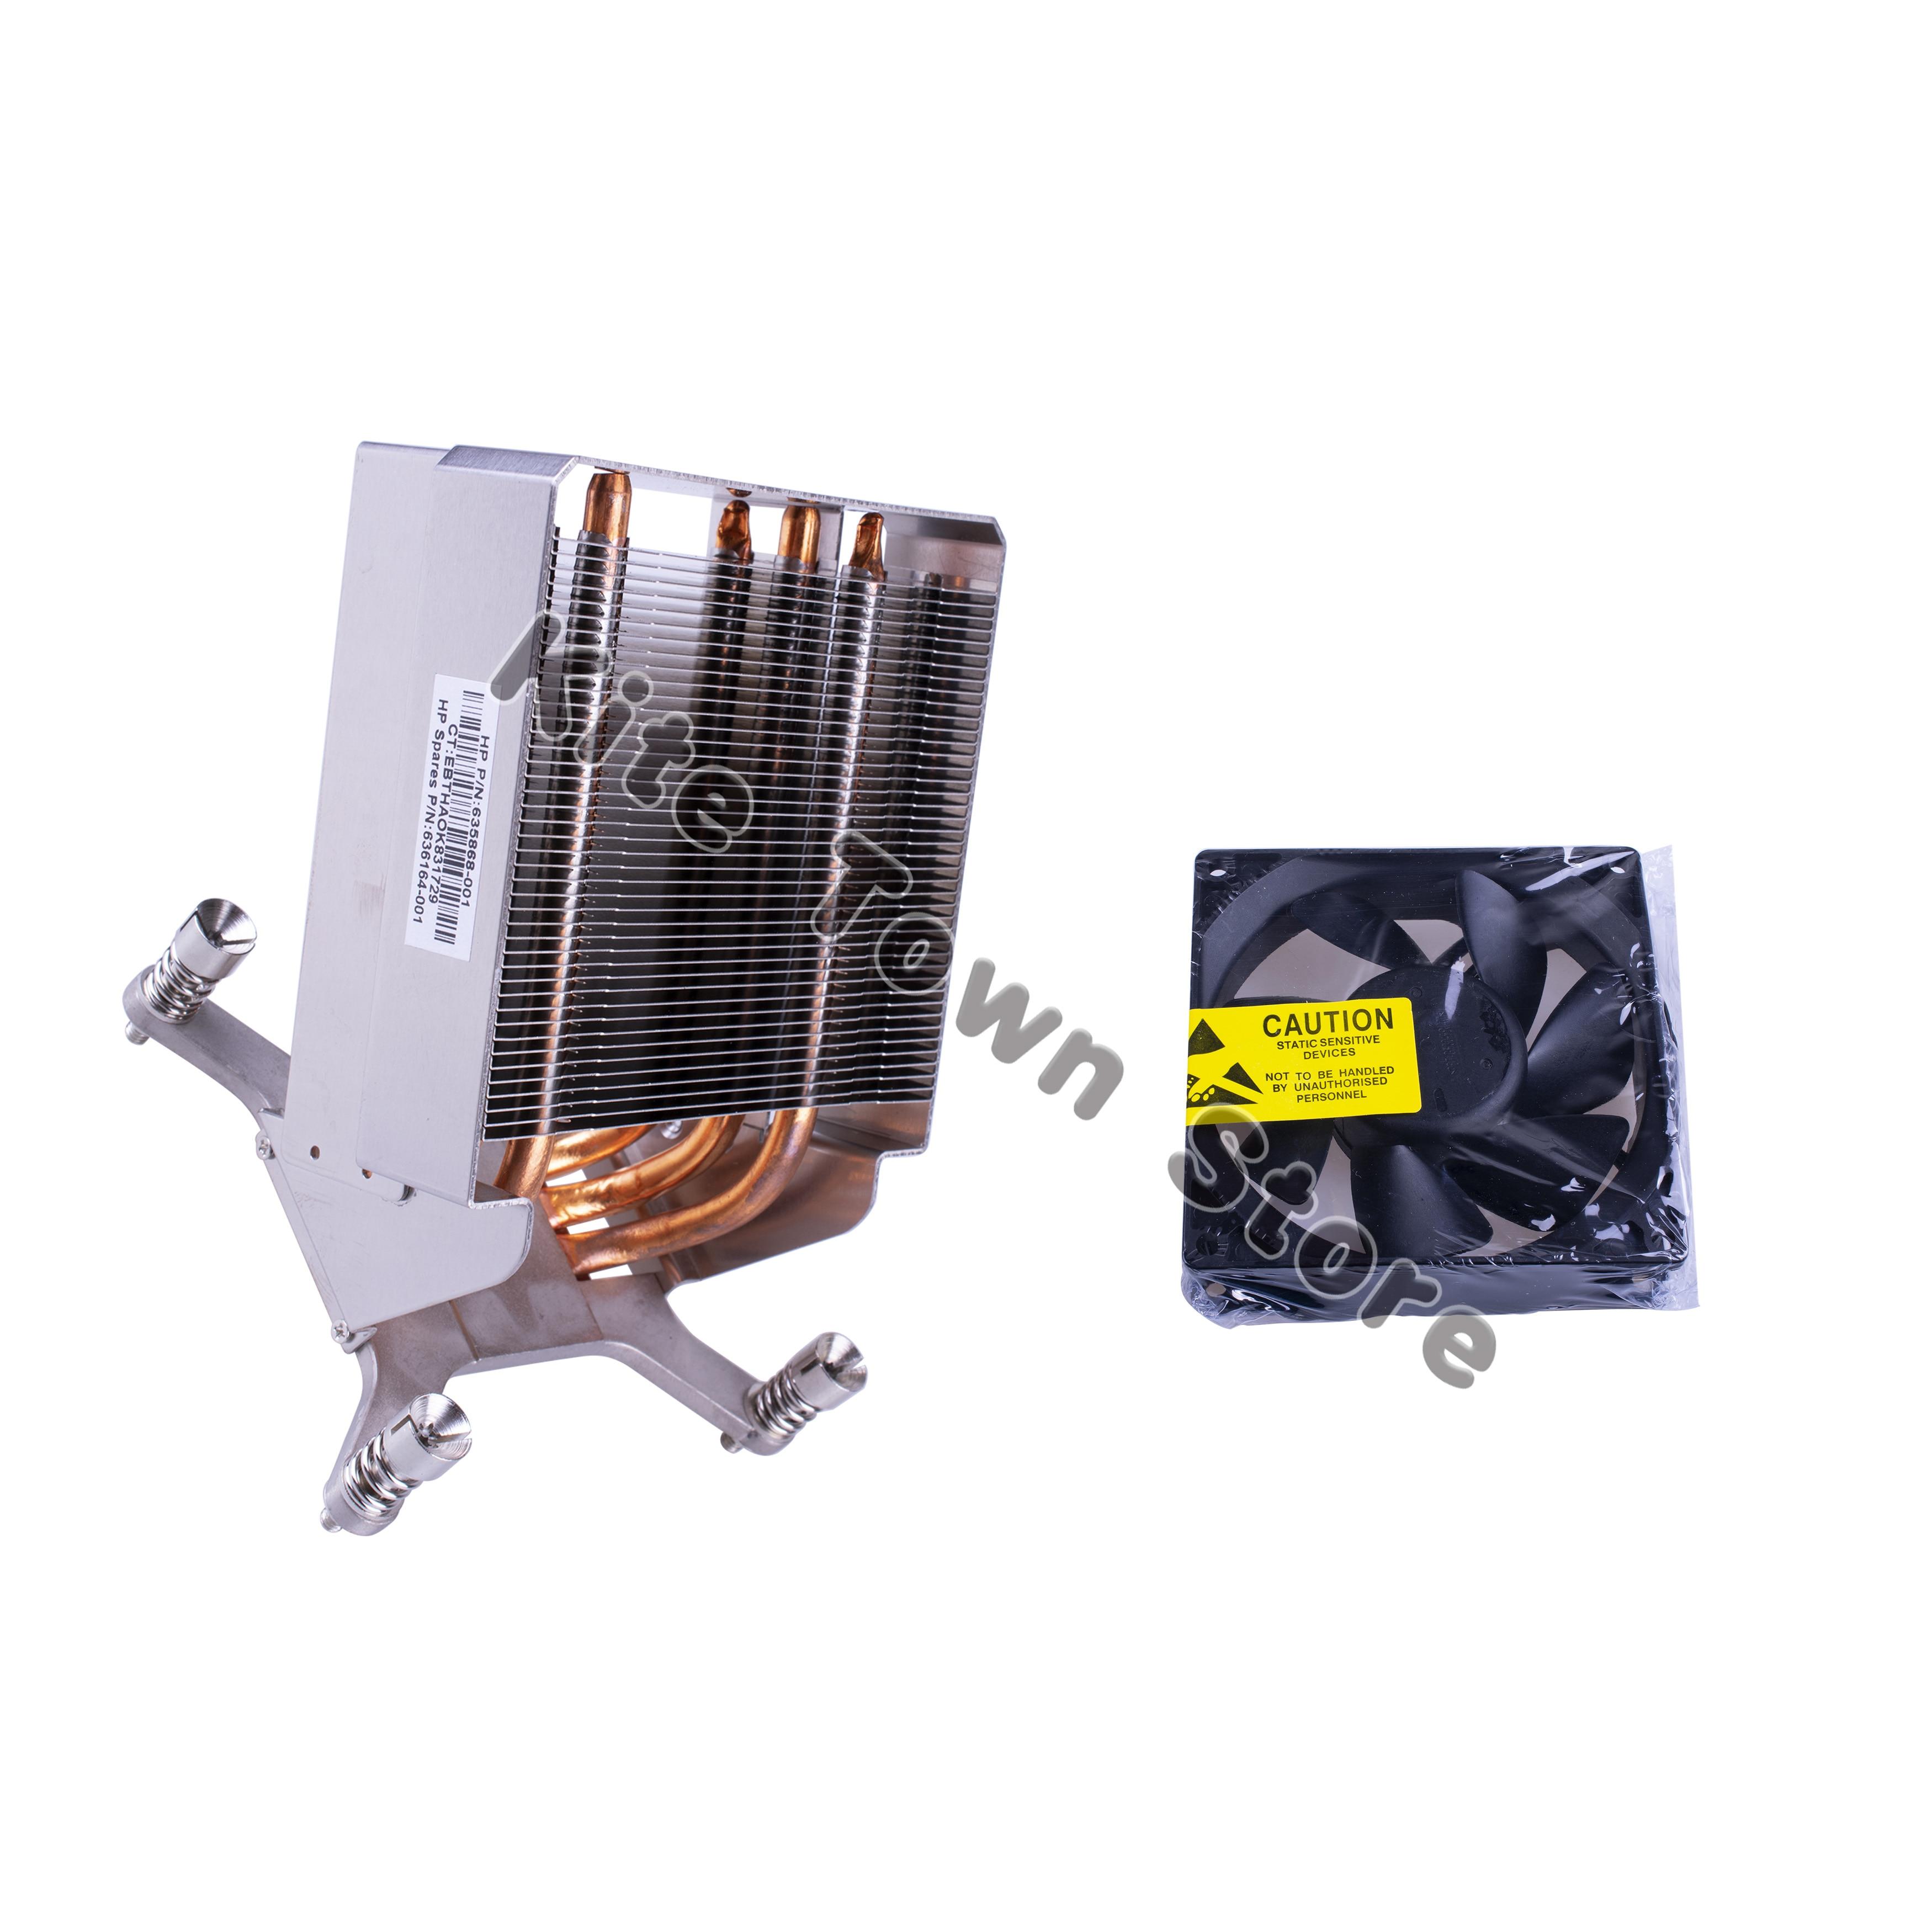 Новый радиатор для hp Z820 рабочей станции 635868-001 636164-001 w/Вентилятор